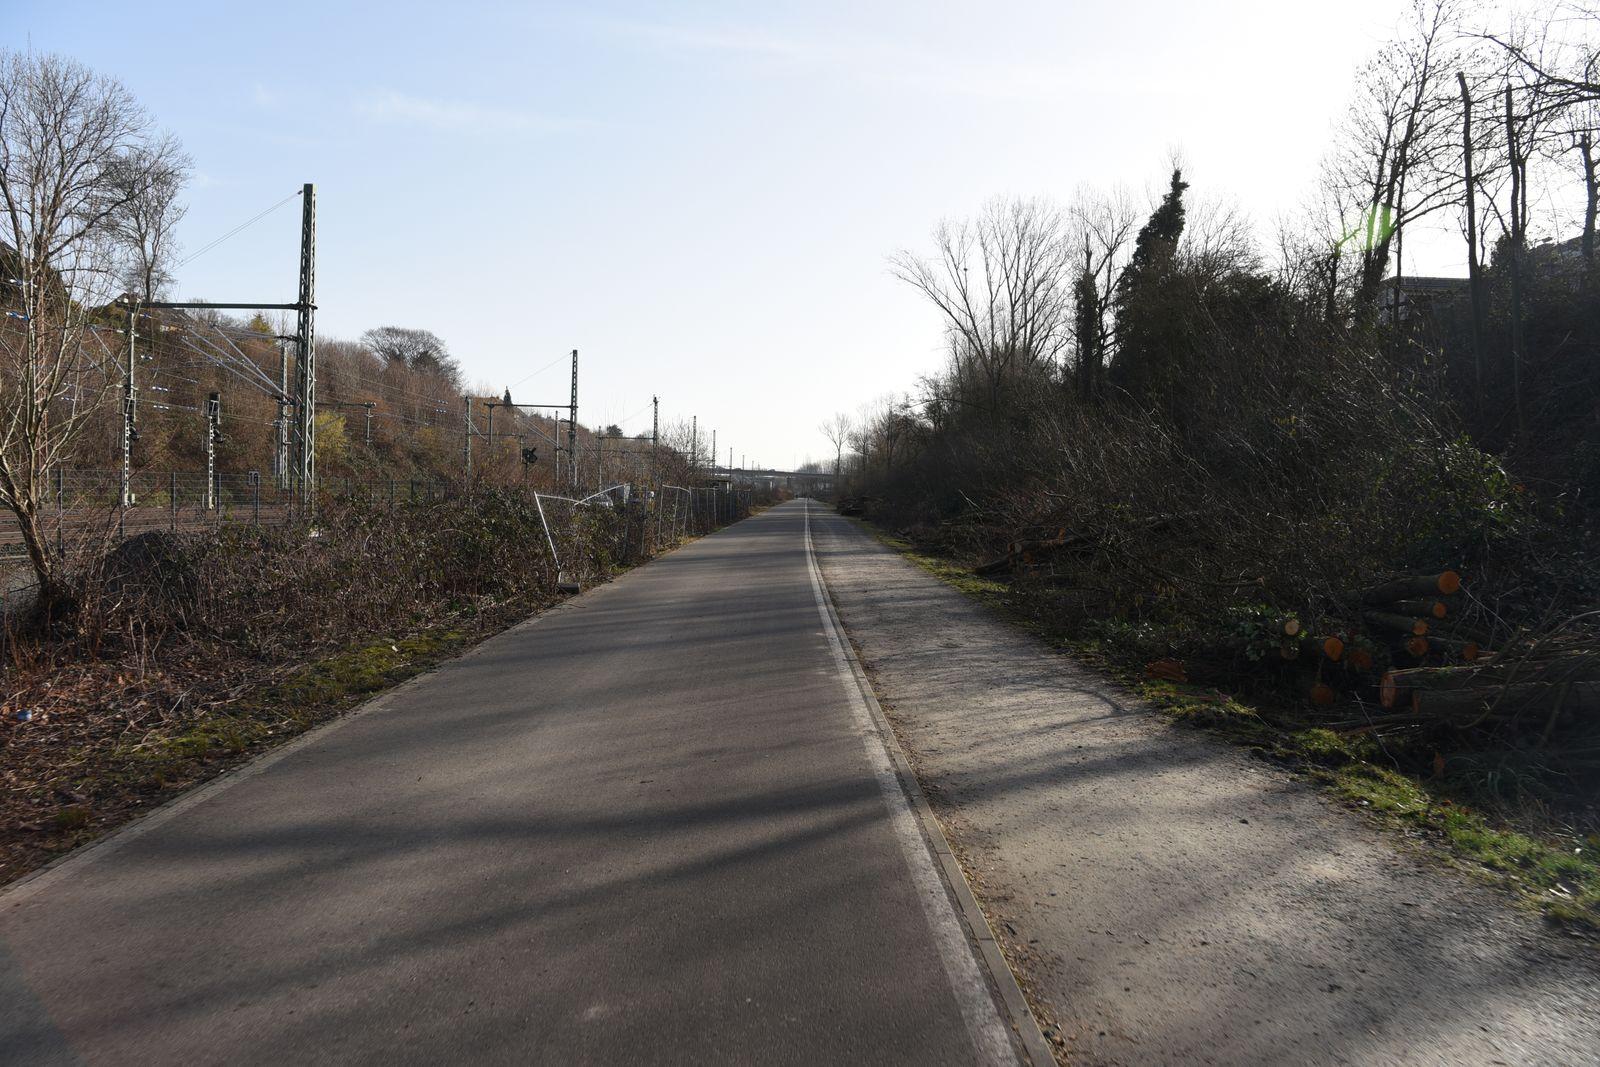 Radschnellwege in NRW